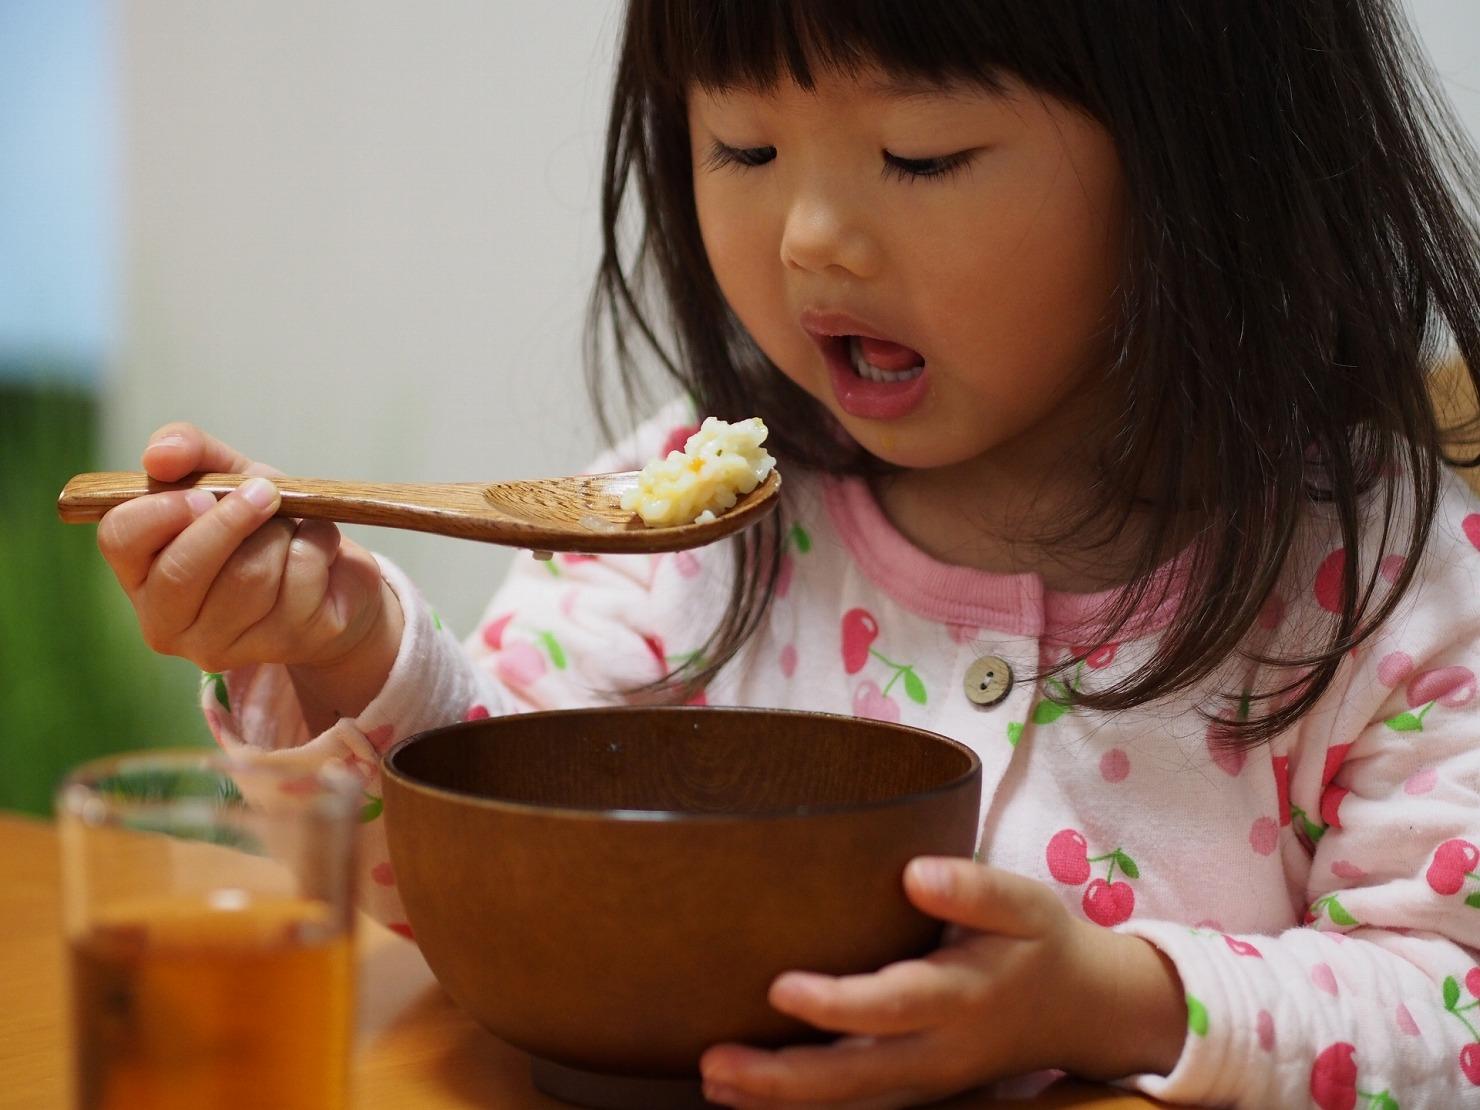 子供が風邪の時に食べさせたいレシピ10選! 効果的な野菜や食材は? 食欲がない時は?